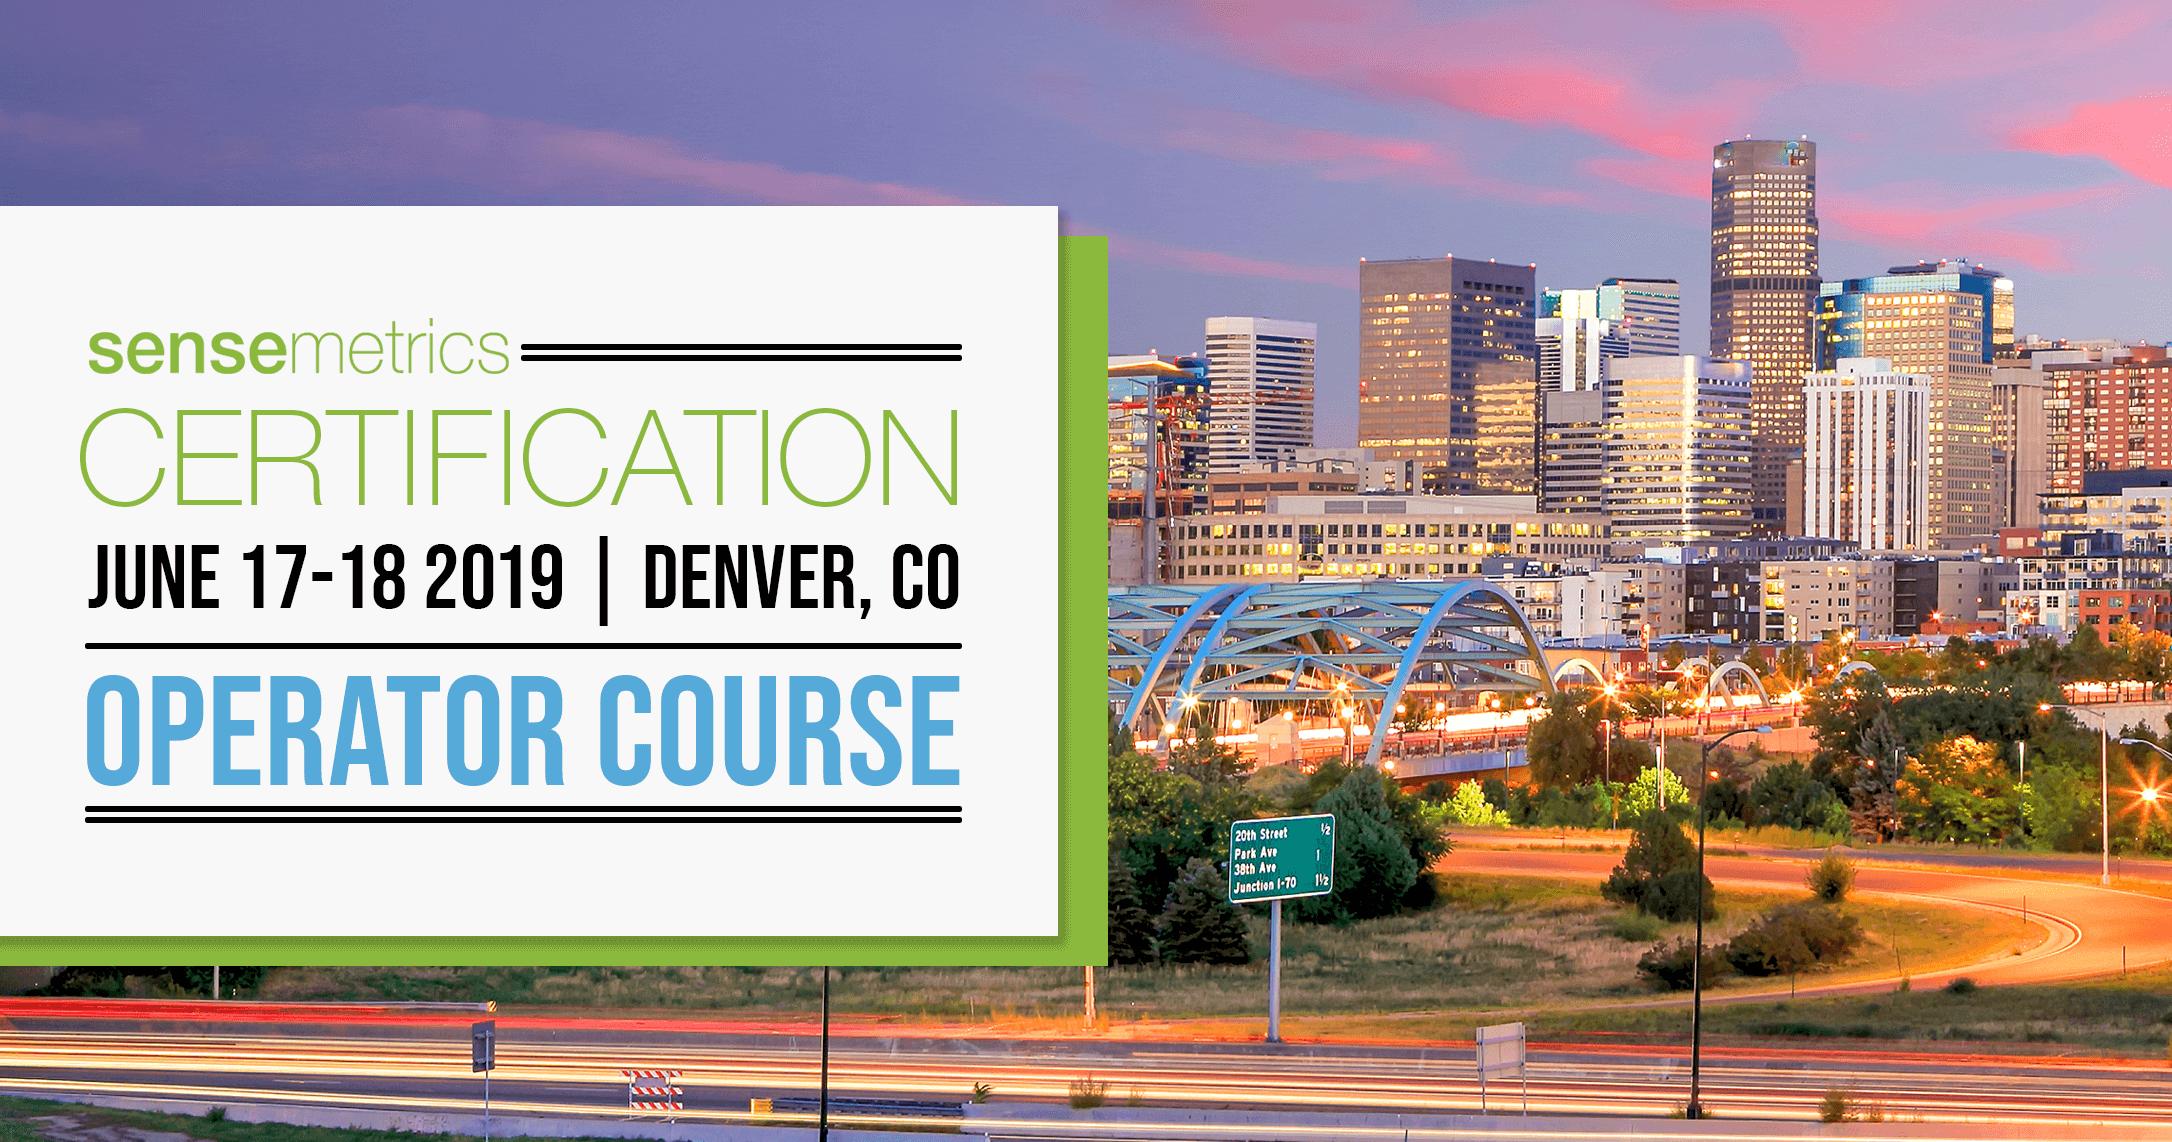 Operator Course: June 17-18